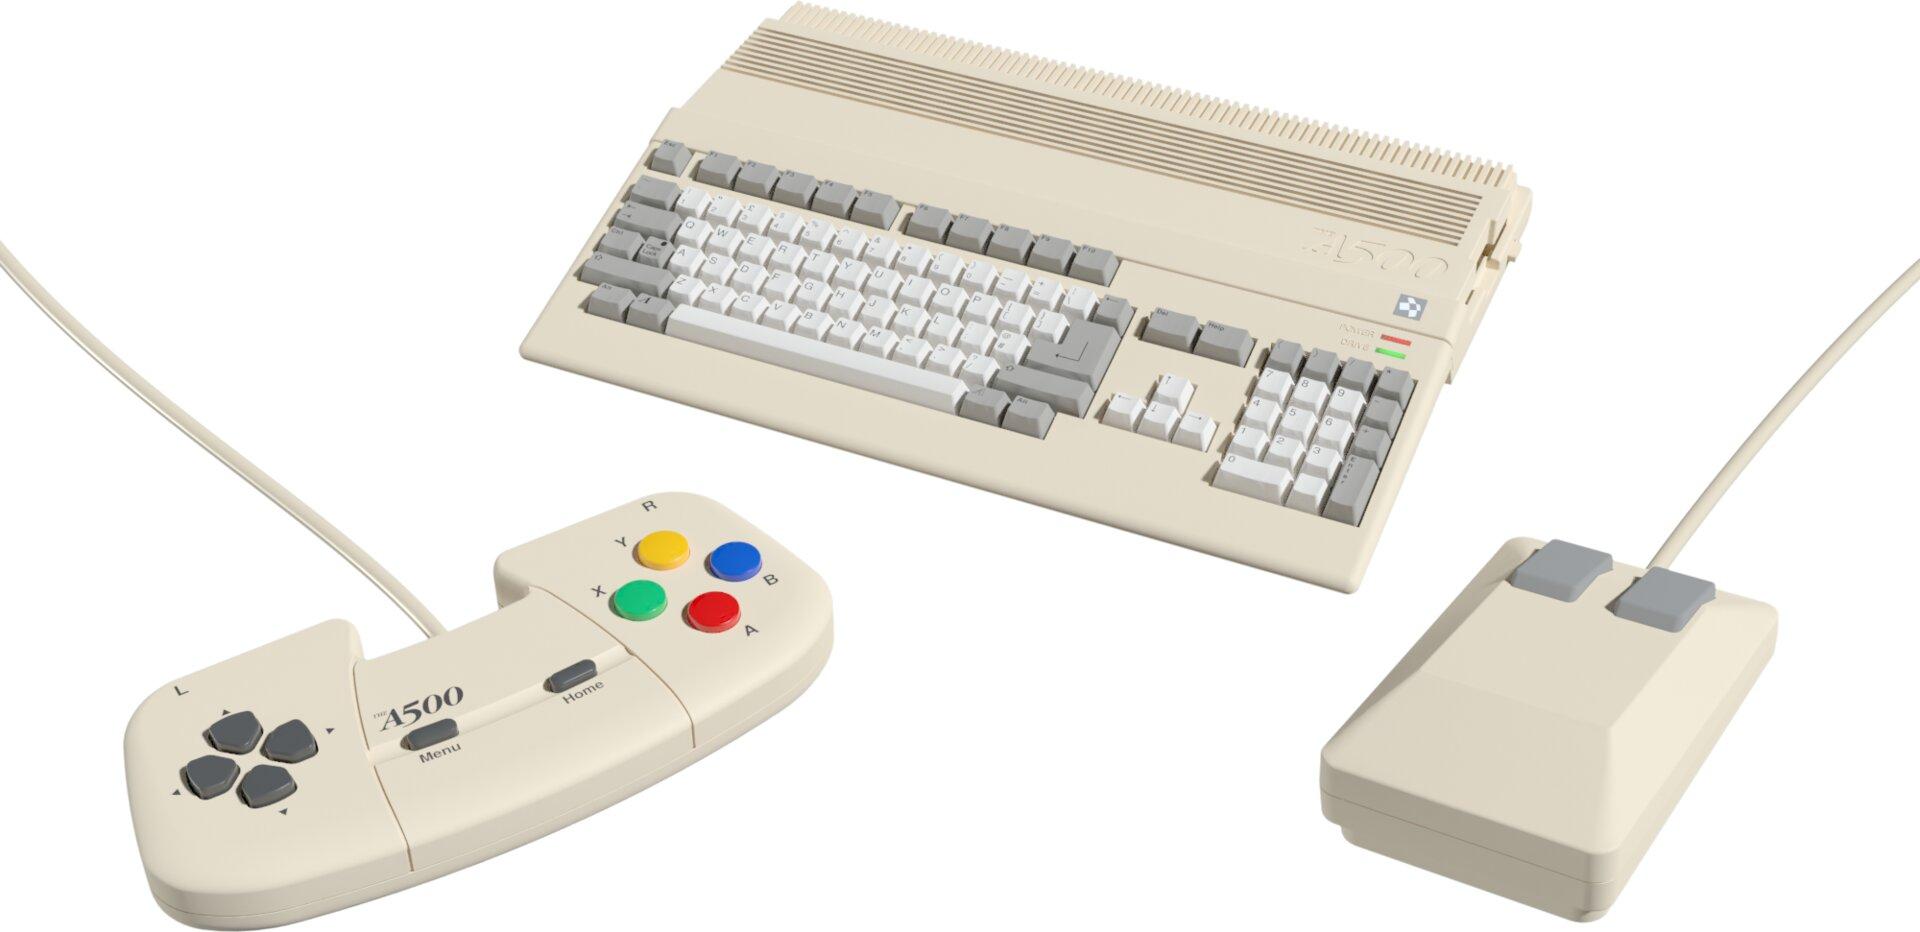 Commodore Amiga 500: Neuauflage als THEA500 Mini